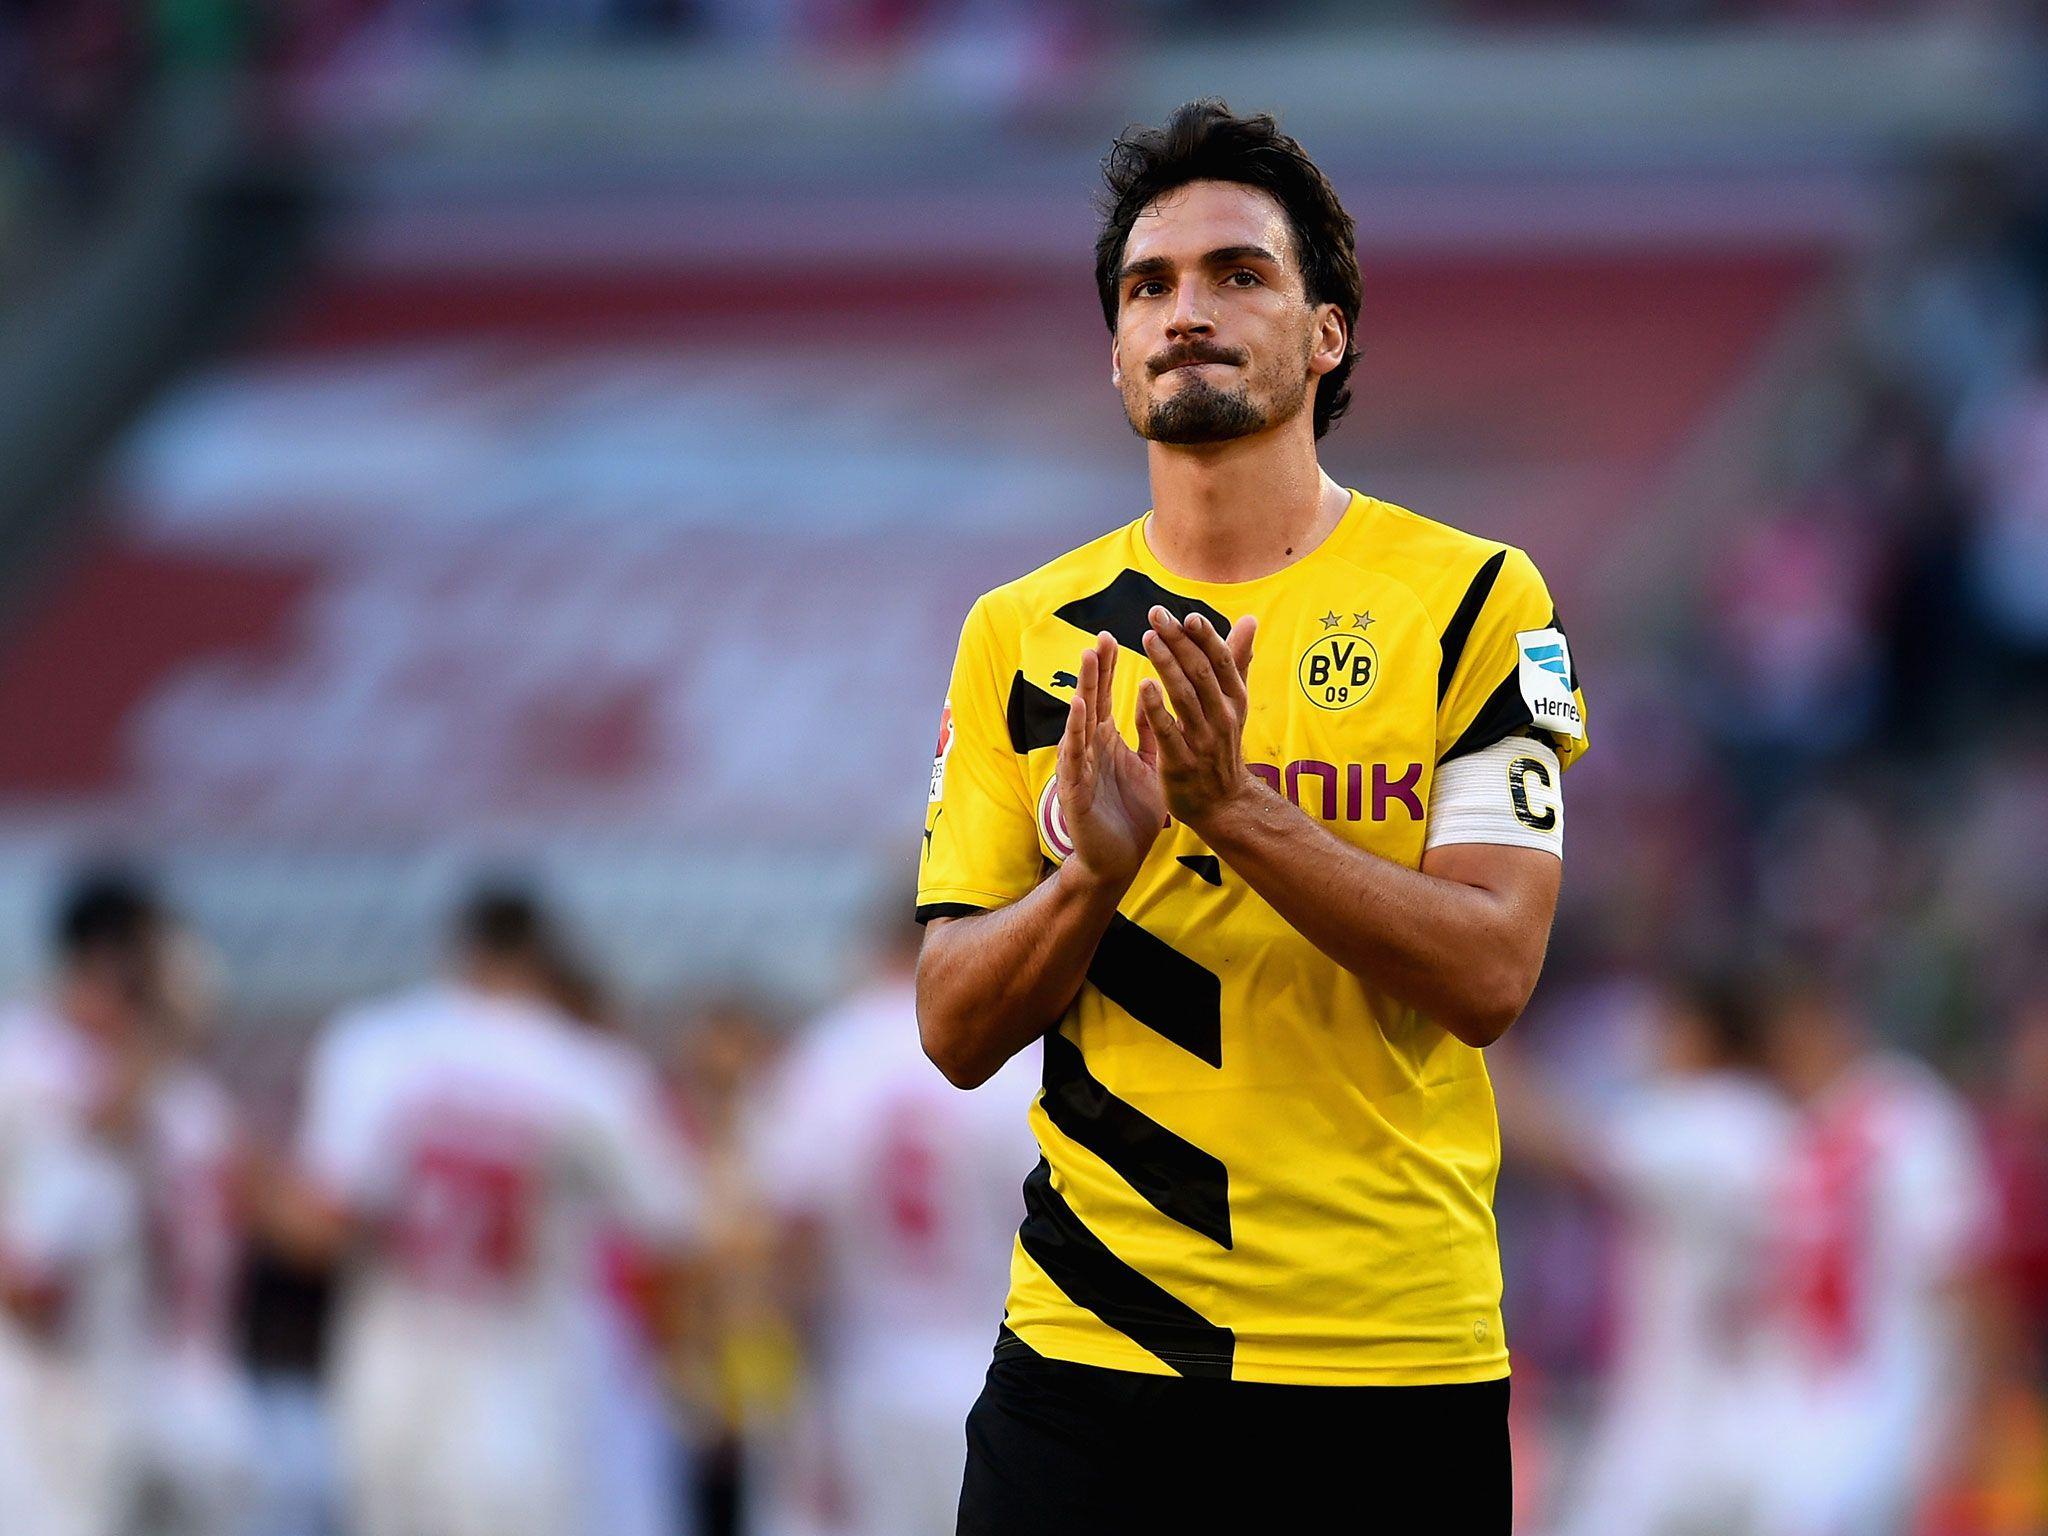 Una estrella del Borussia Dortmund pasó al Bayern Munich y se despidió con una emotiva carta